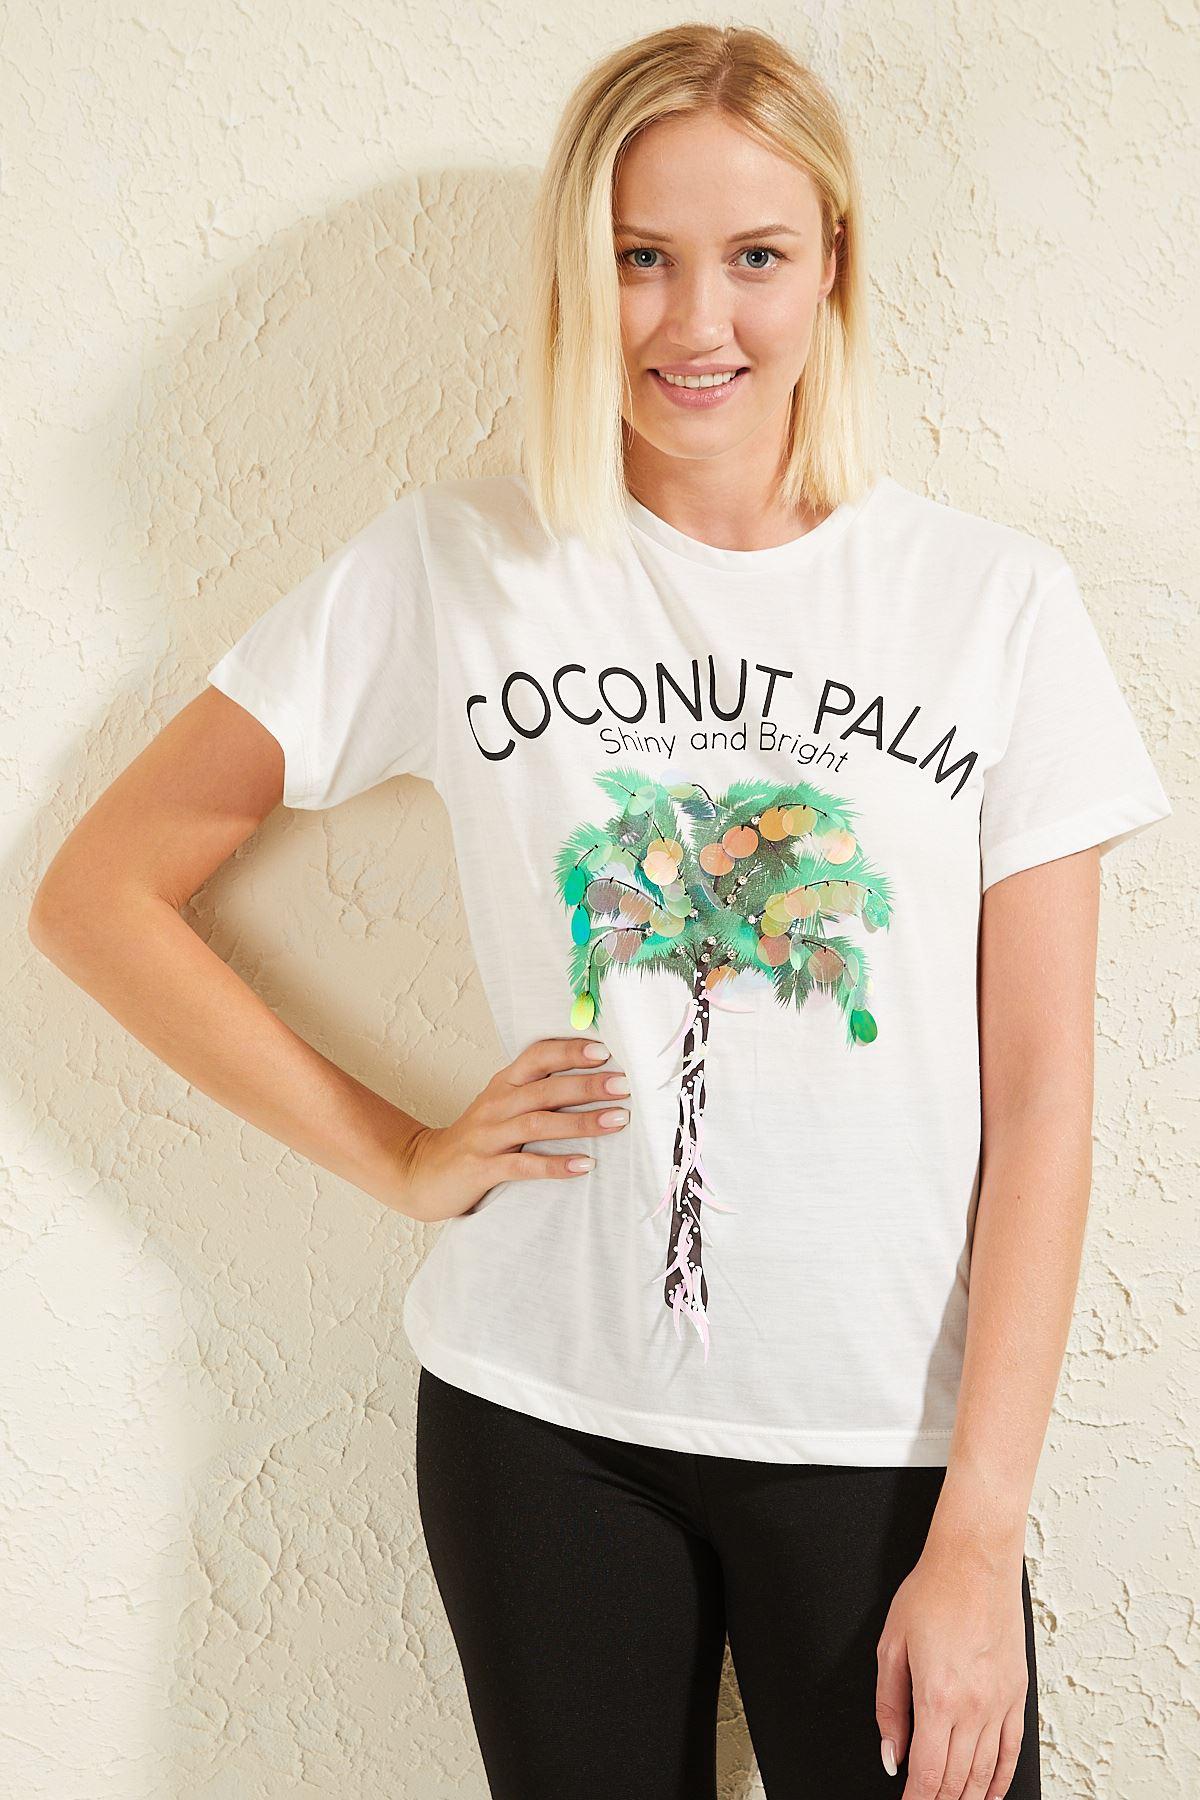 Coconut Baskılı Pullu Kadın T-shirt